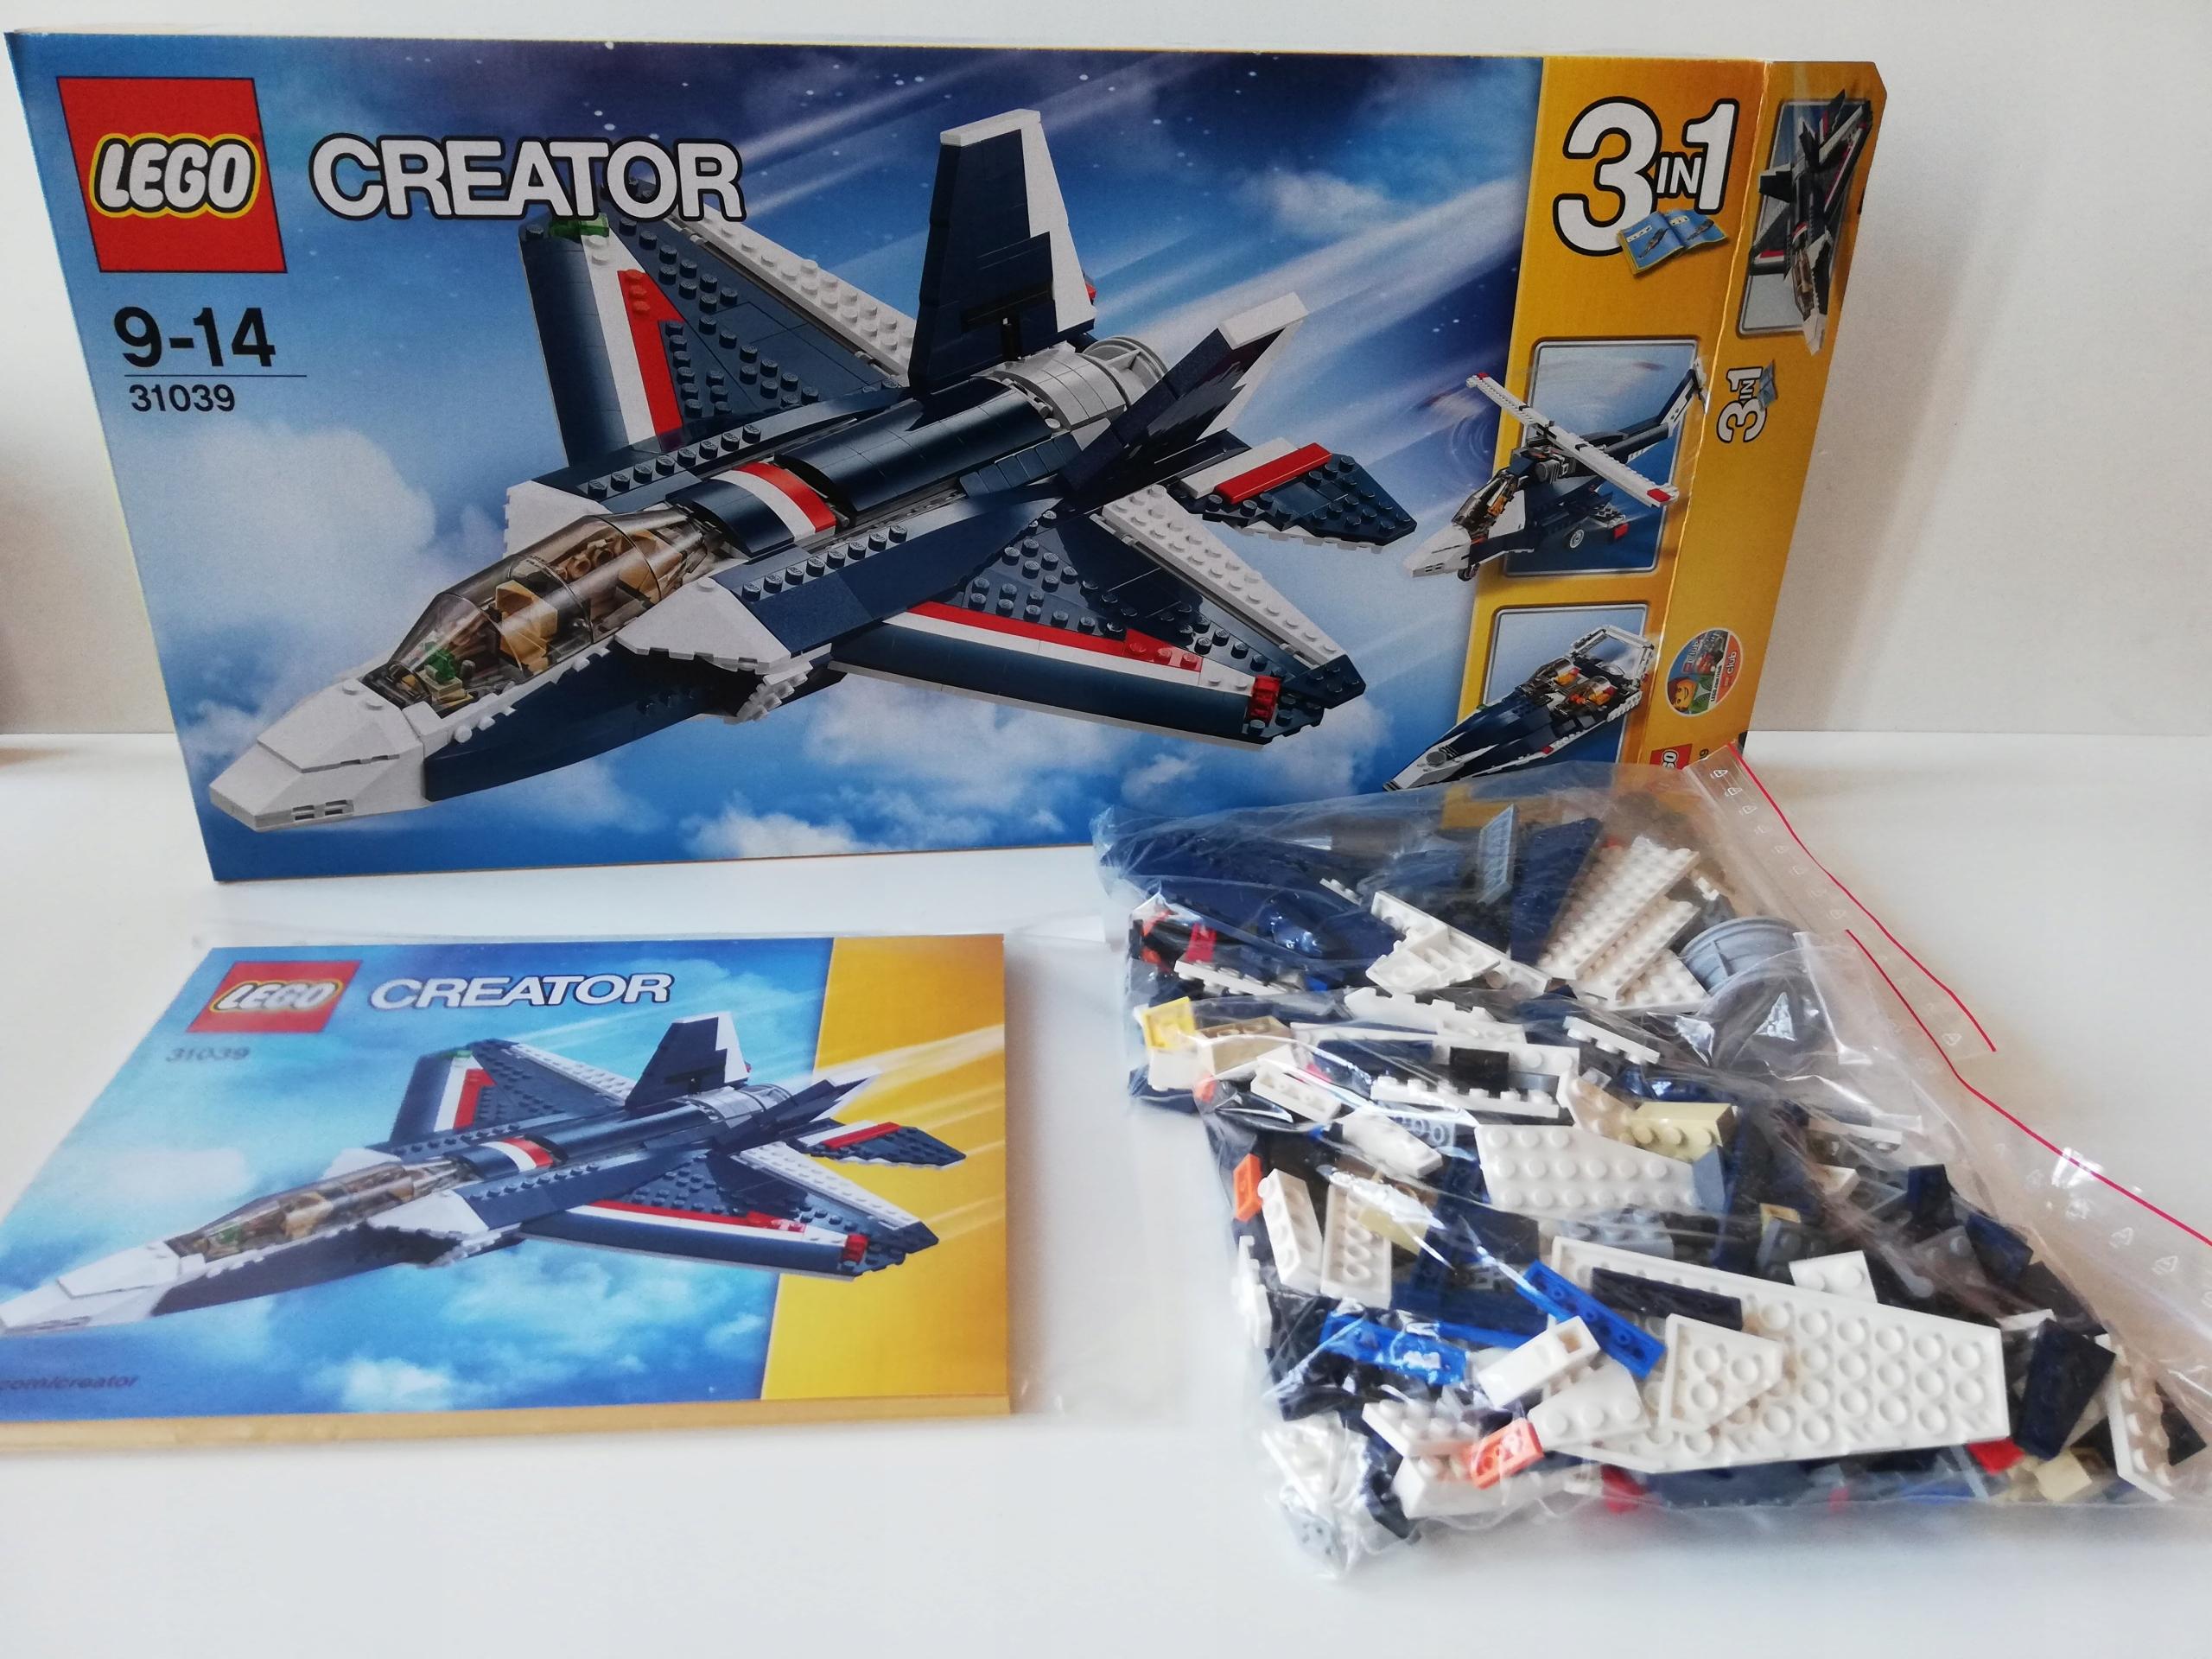 Blue Creator Power Lego Oficjalne Jet 7660068685 31039 mvwyNOn80